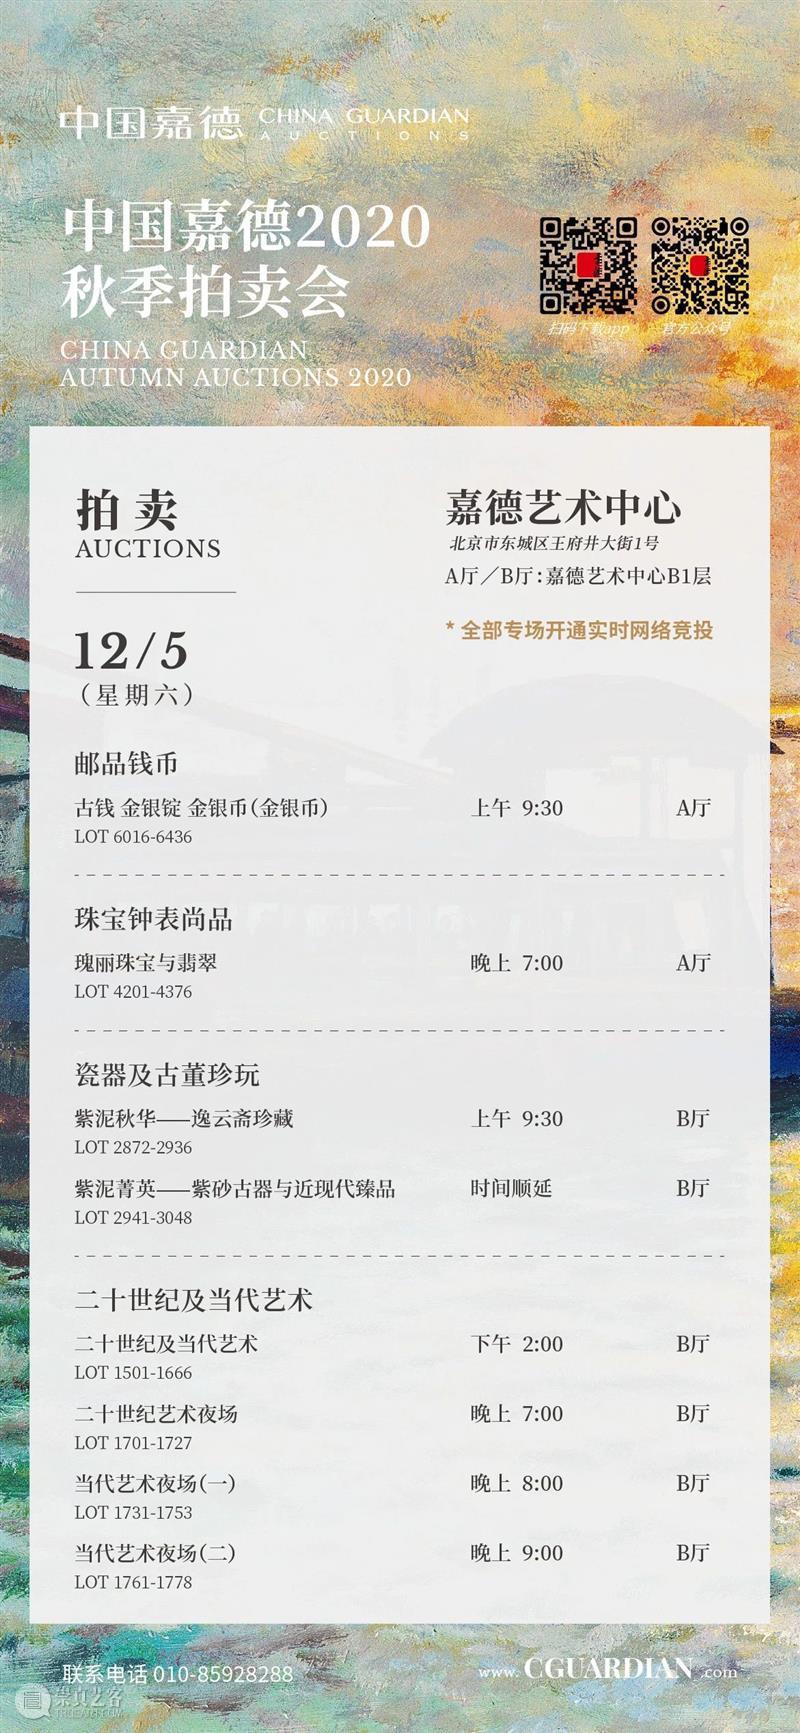 中国嘉德2020秋拍 | 12月5日预告:二十世纪及当代艺术夜场槌声即将响起  中国嘉德 中国 嘉德 艺术 夜场 拍卖会 高潮 瓷器 古董 邮品 钱币 崇真艺客